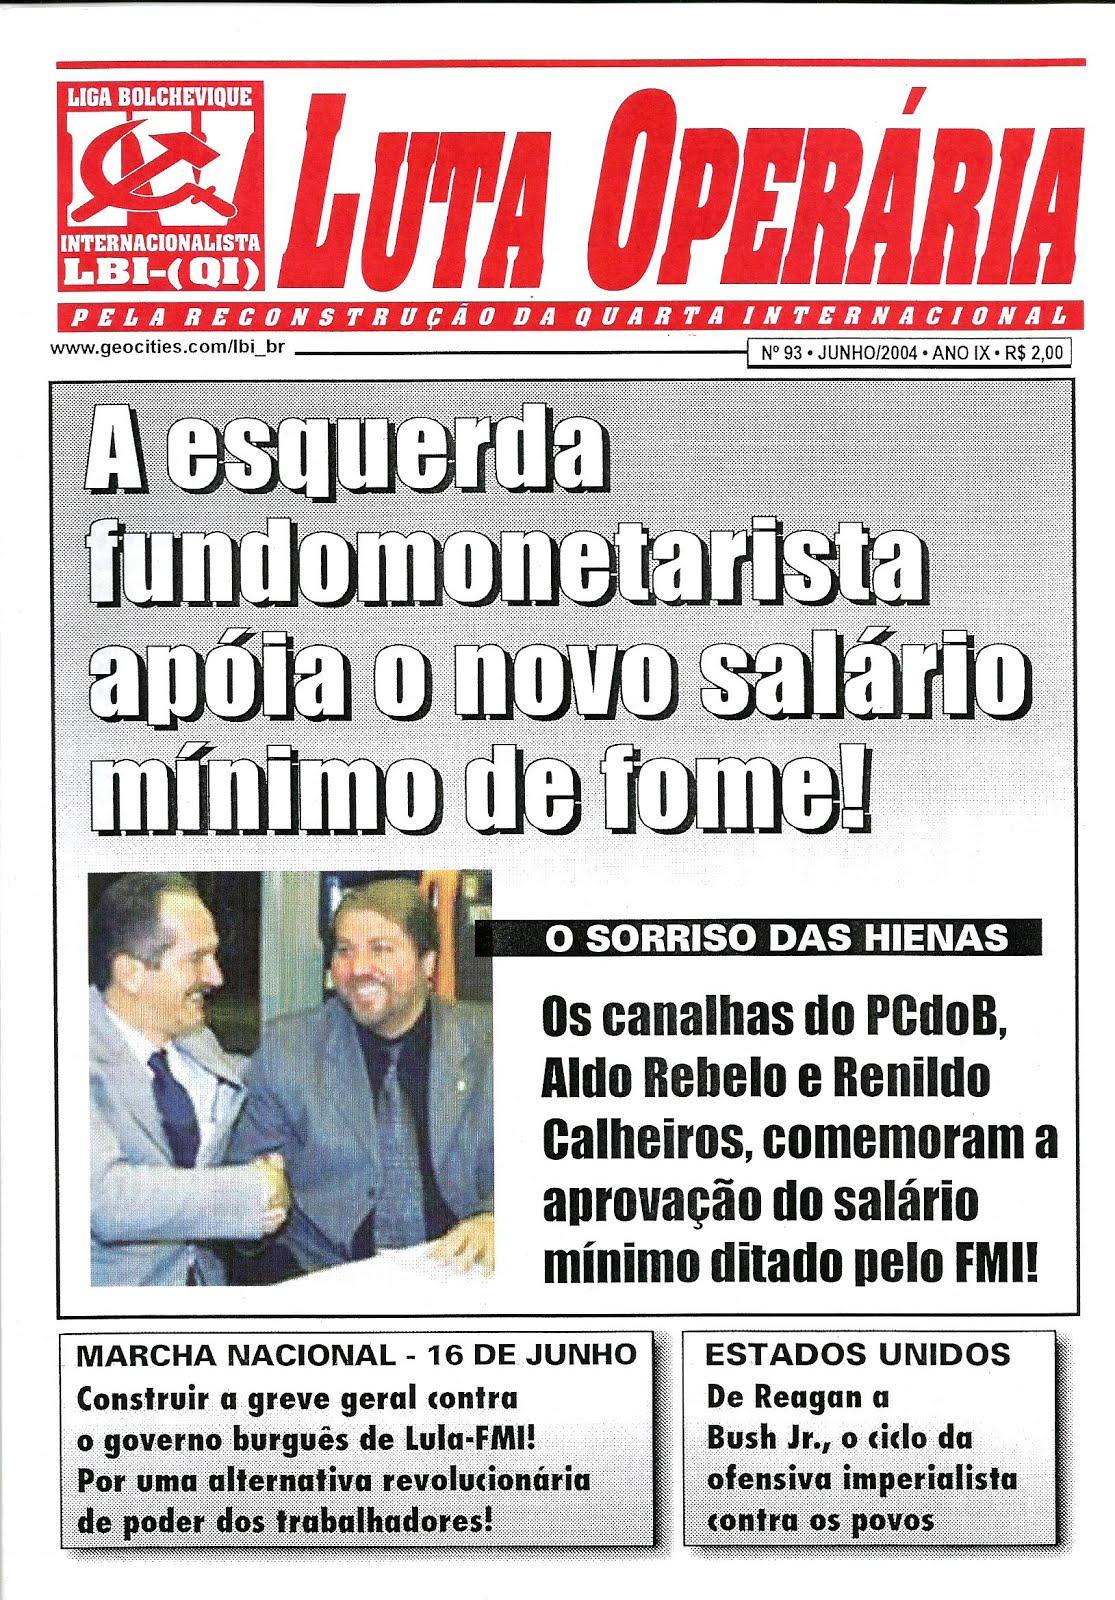 LEIA A EDIÇÃO DO JORNAL LUTA OPERÁRIA Nº 93, JUNHO/2004